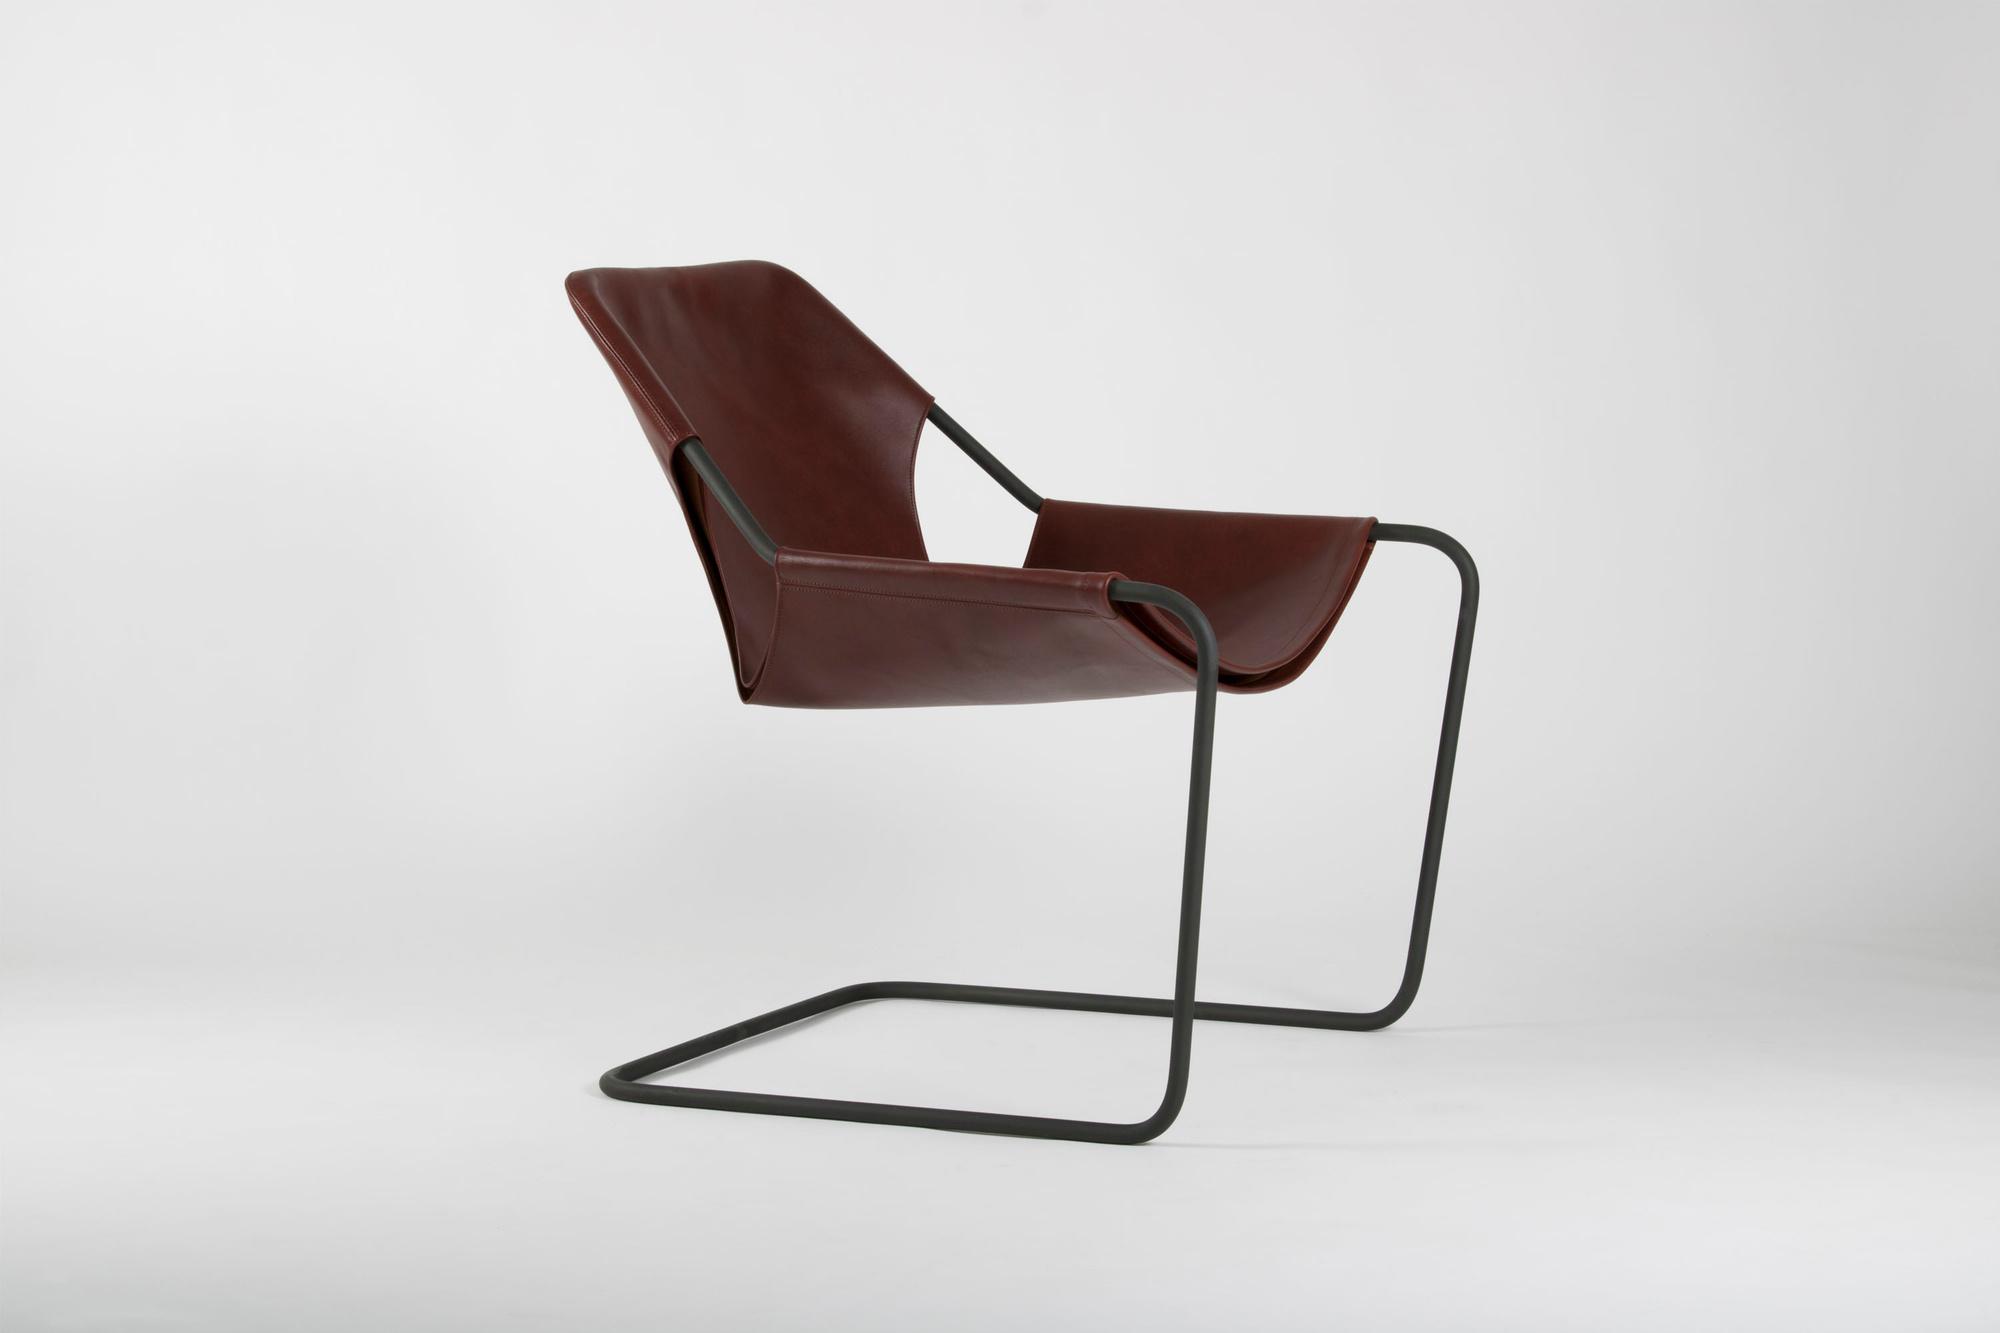 Paulo Mendas da Rocha, fauteuil Paulistano, 1957, Objekto, Le mobilier d'architectes, 1960-2020, © Cité de l'architecture, Denys Vinson photographe 2019